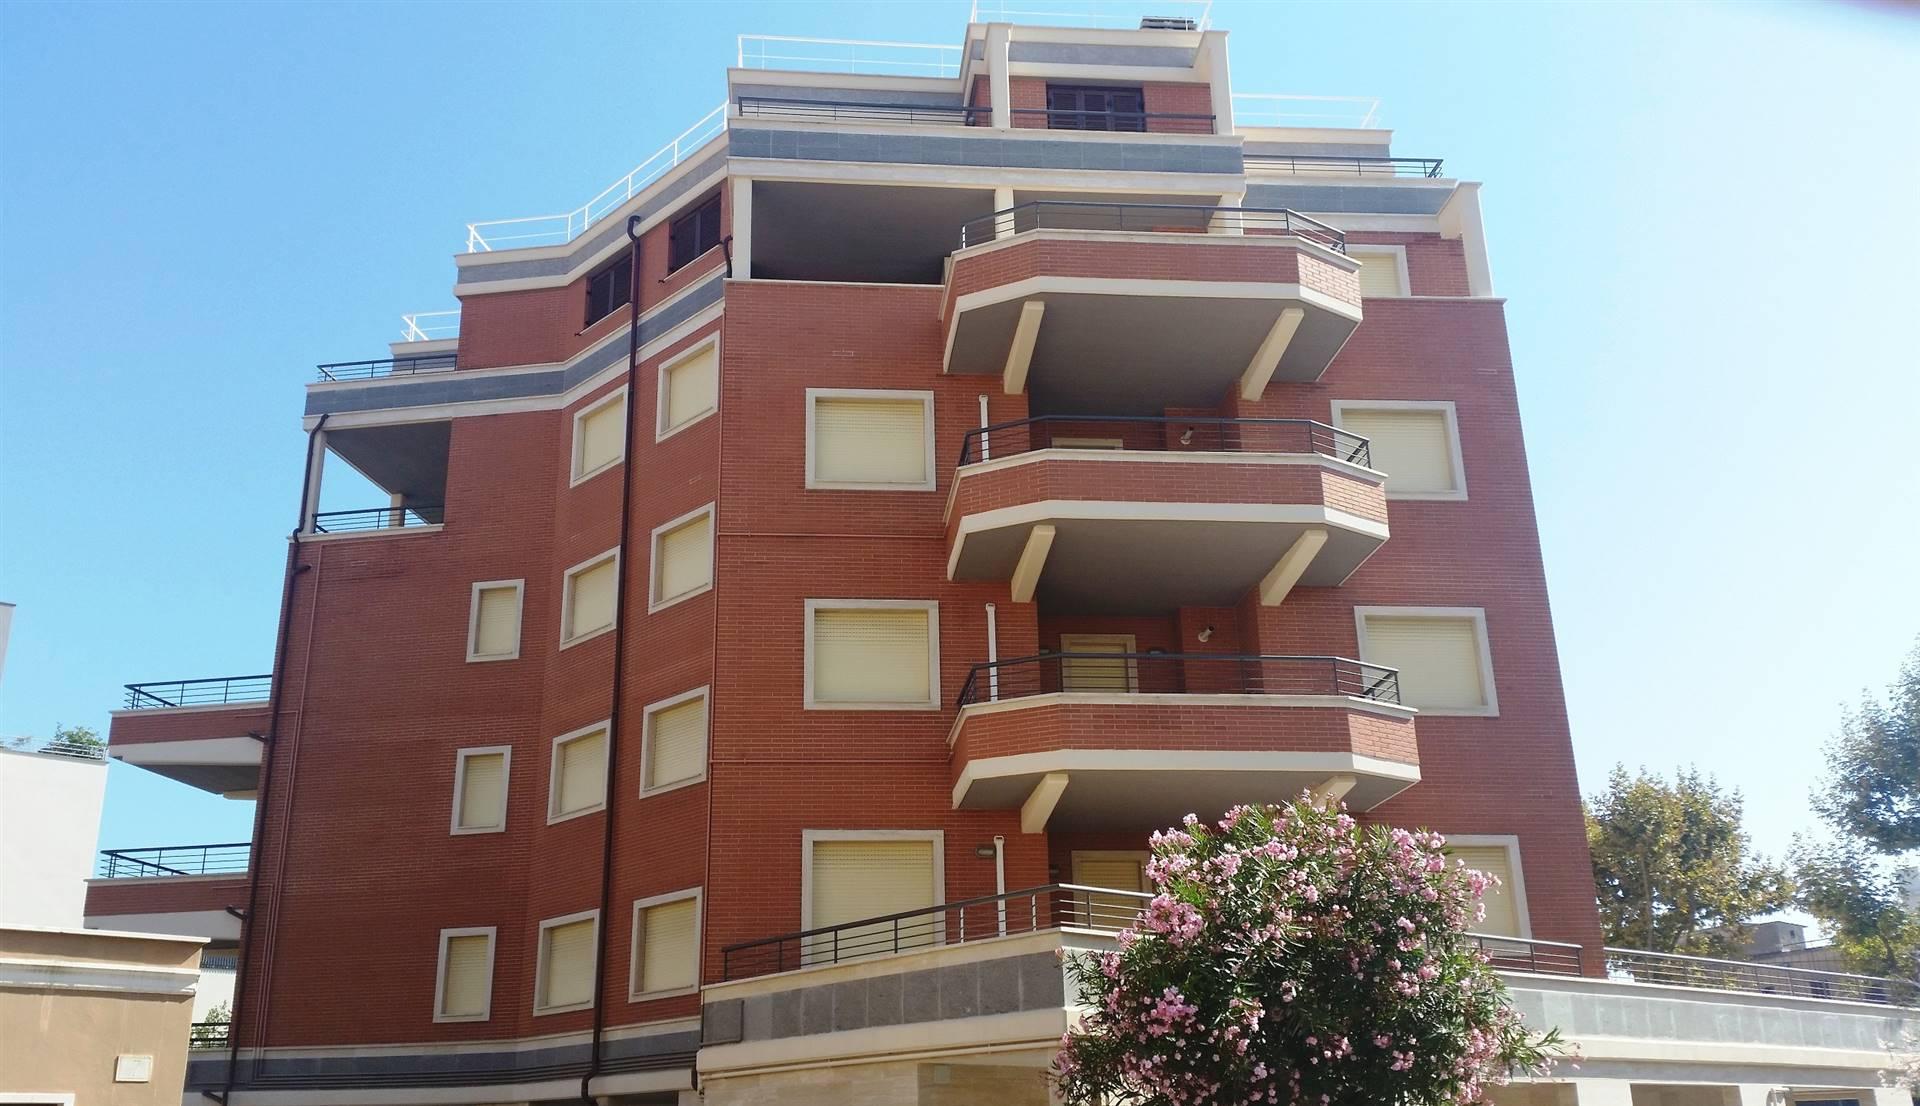 In elegante e recente costruzione proponiamo un appartamento di Mq.116 composto da 2 AMPIE camere, AMPIO salone, cucina abitabile, 2 bagni, ampio